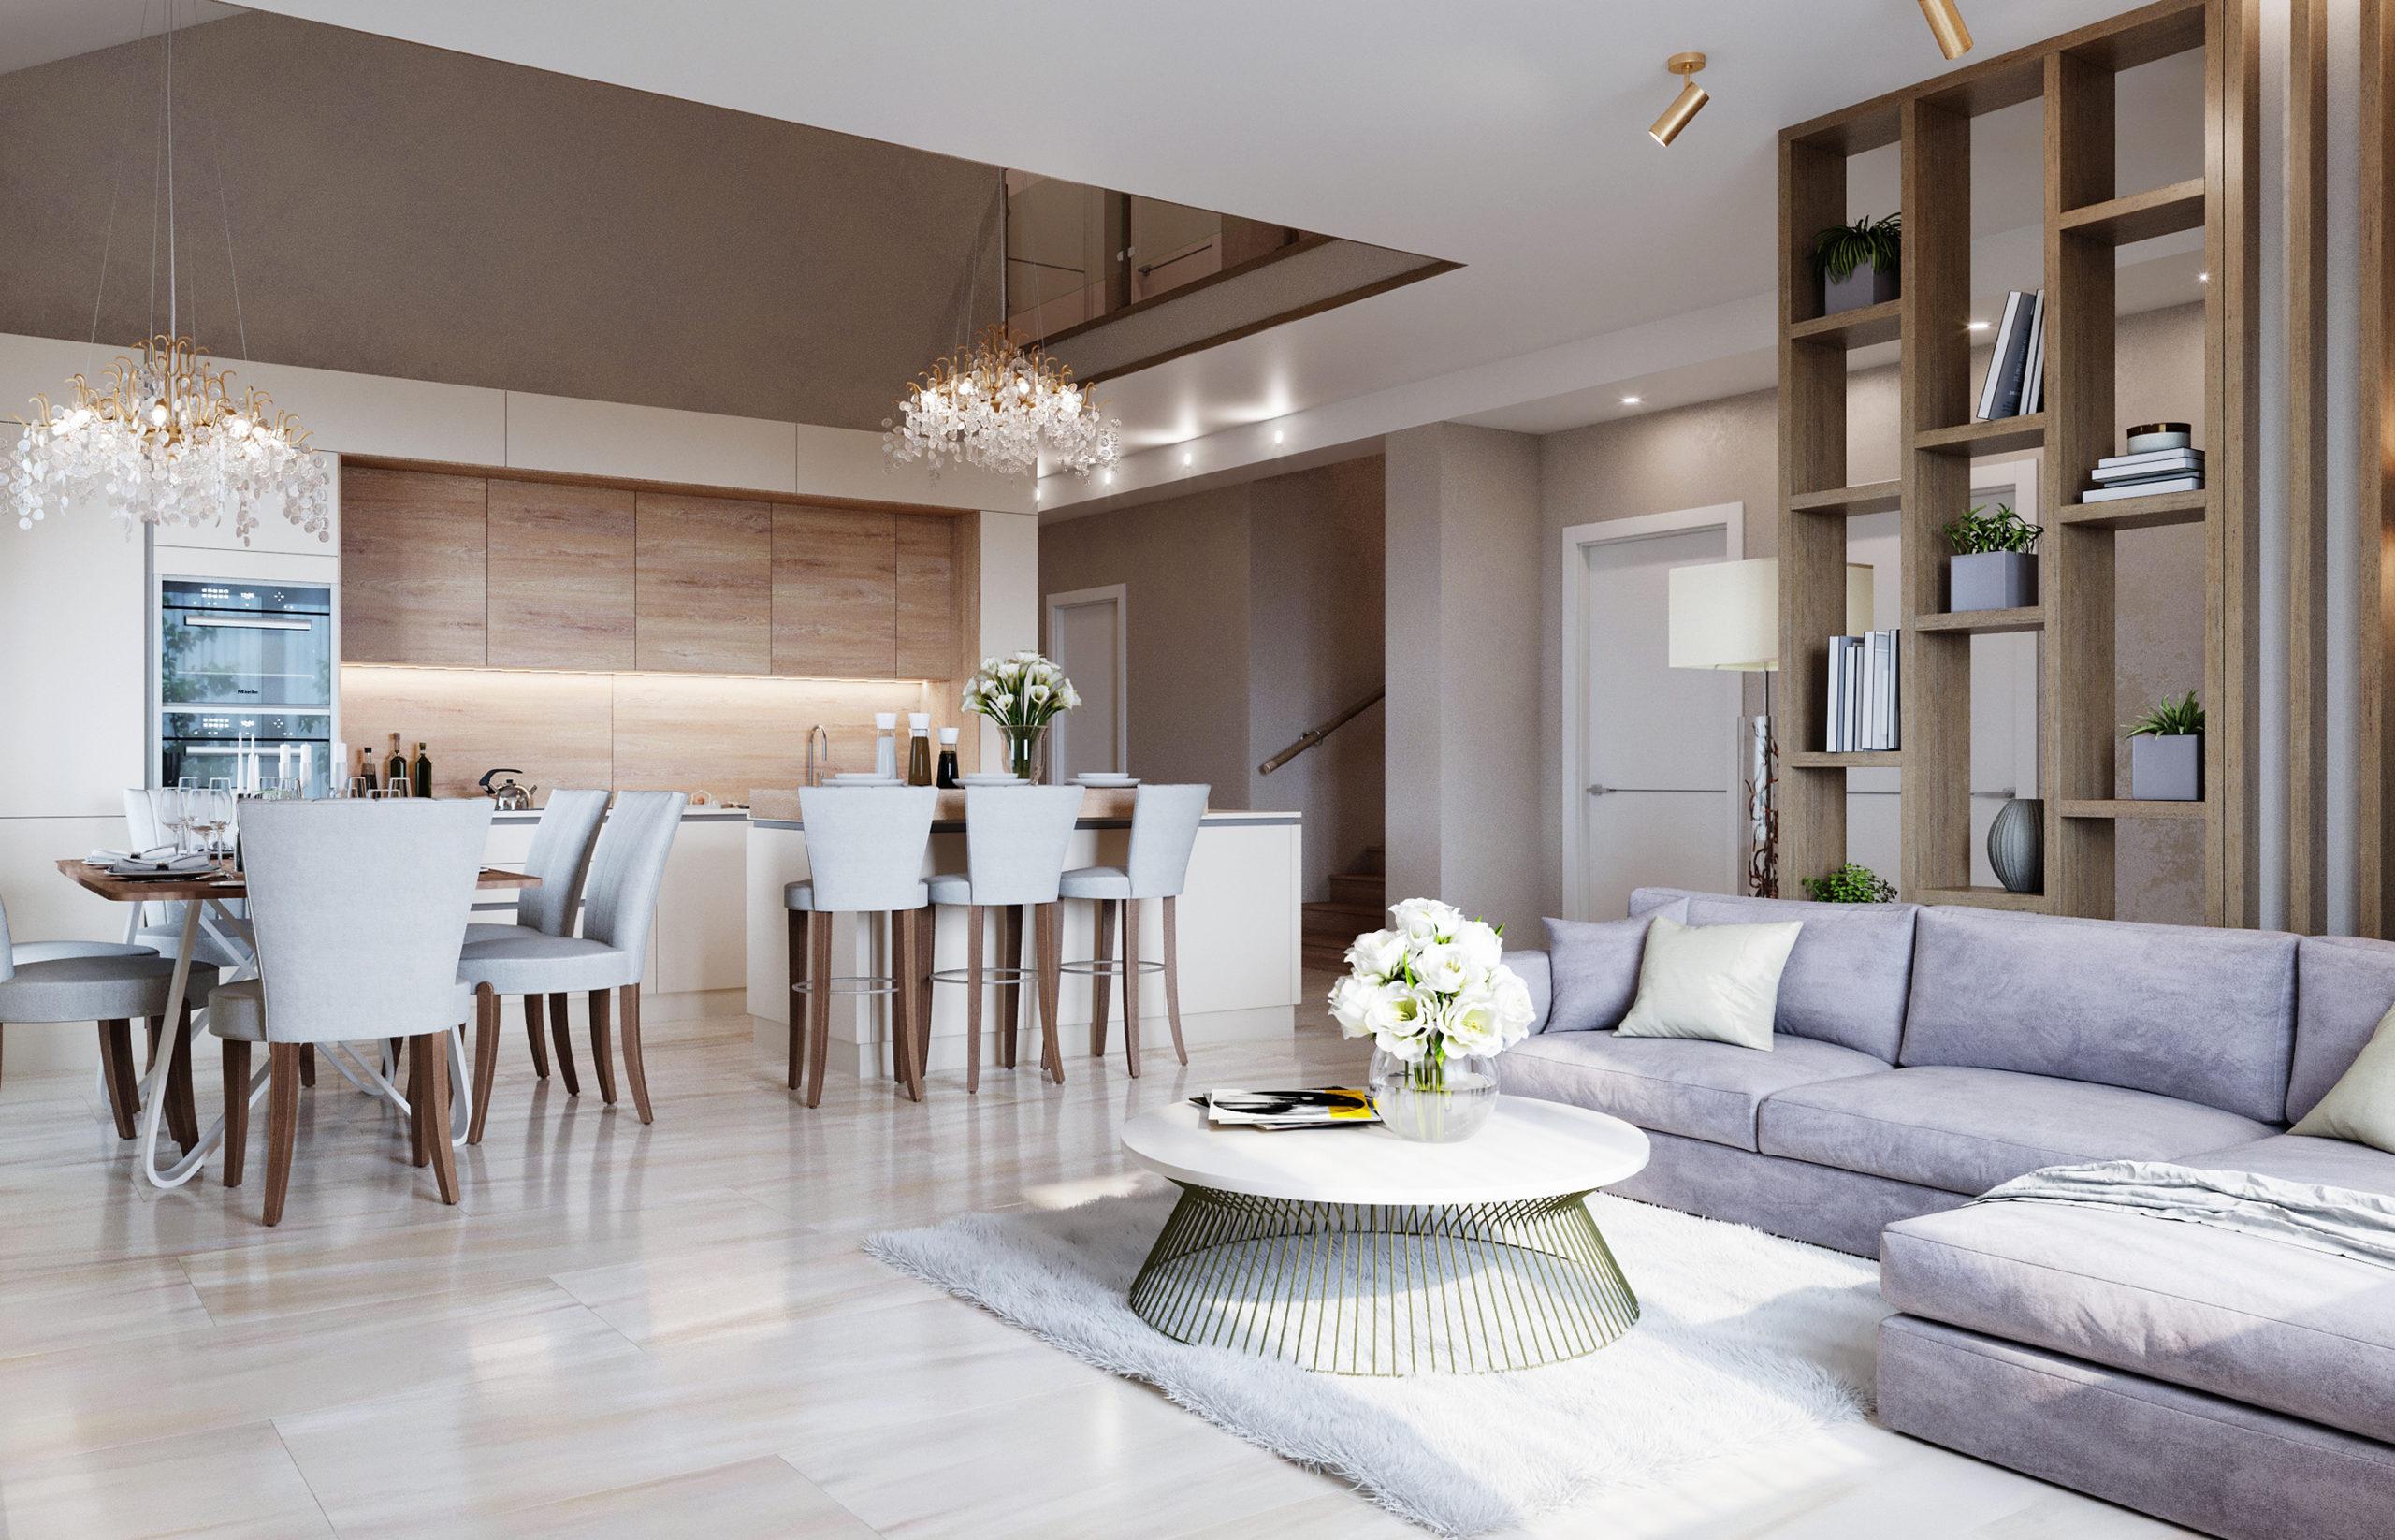 Кухня-гостиная с высоким потолком на два этажа